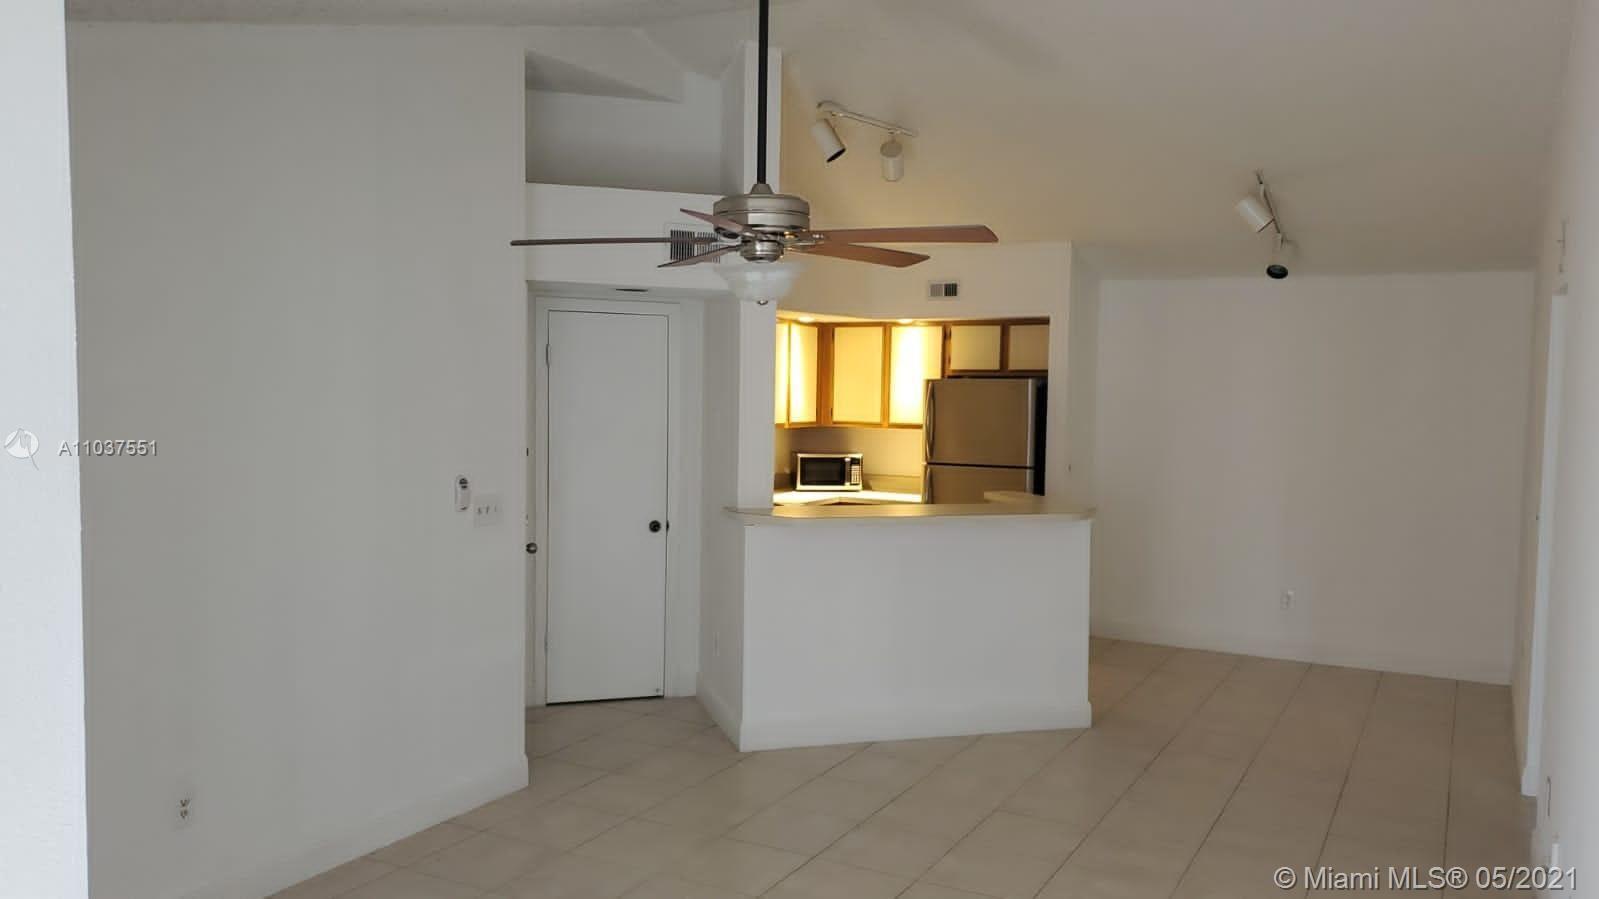 1401 Village Blvd #424, West Palm Beach, FL 33409 - #: A11037551